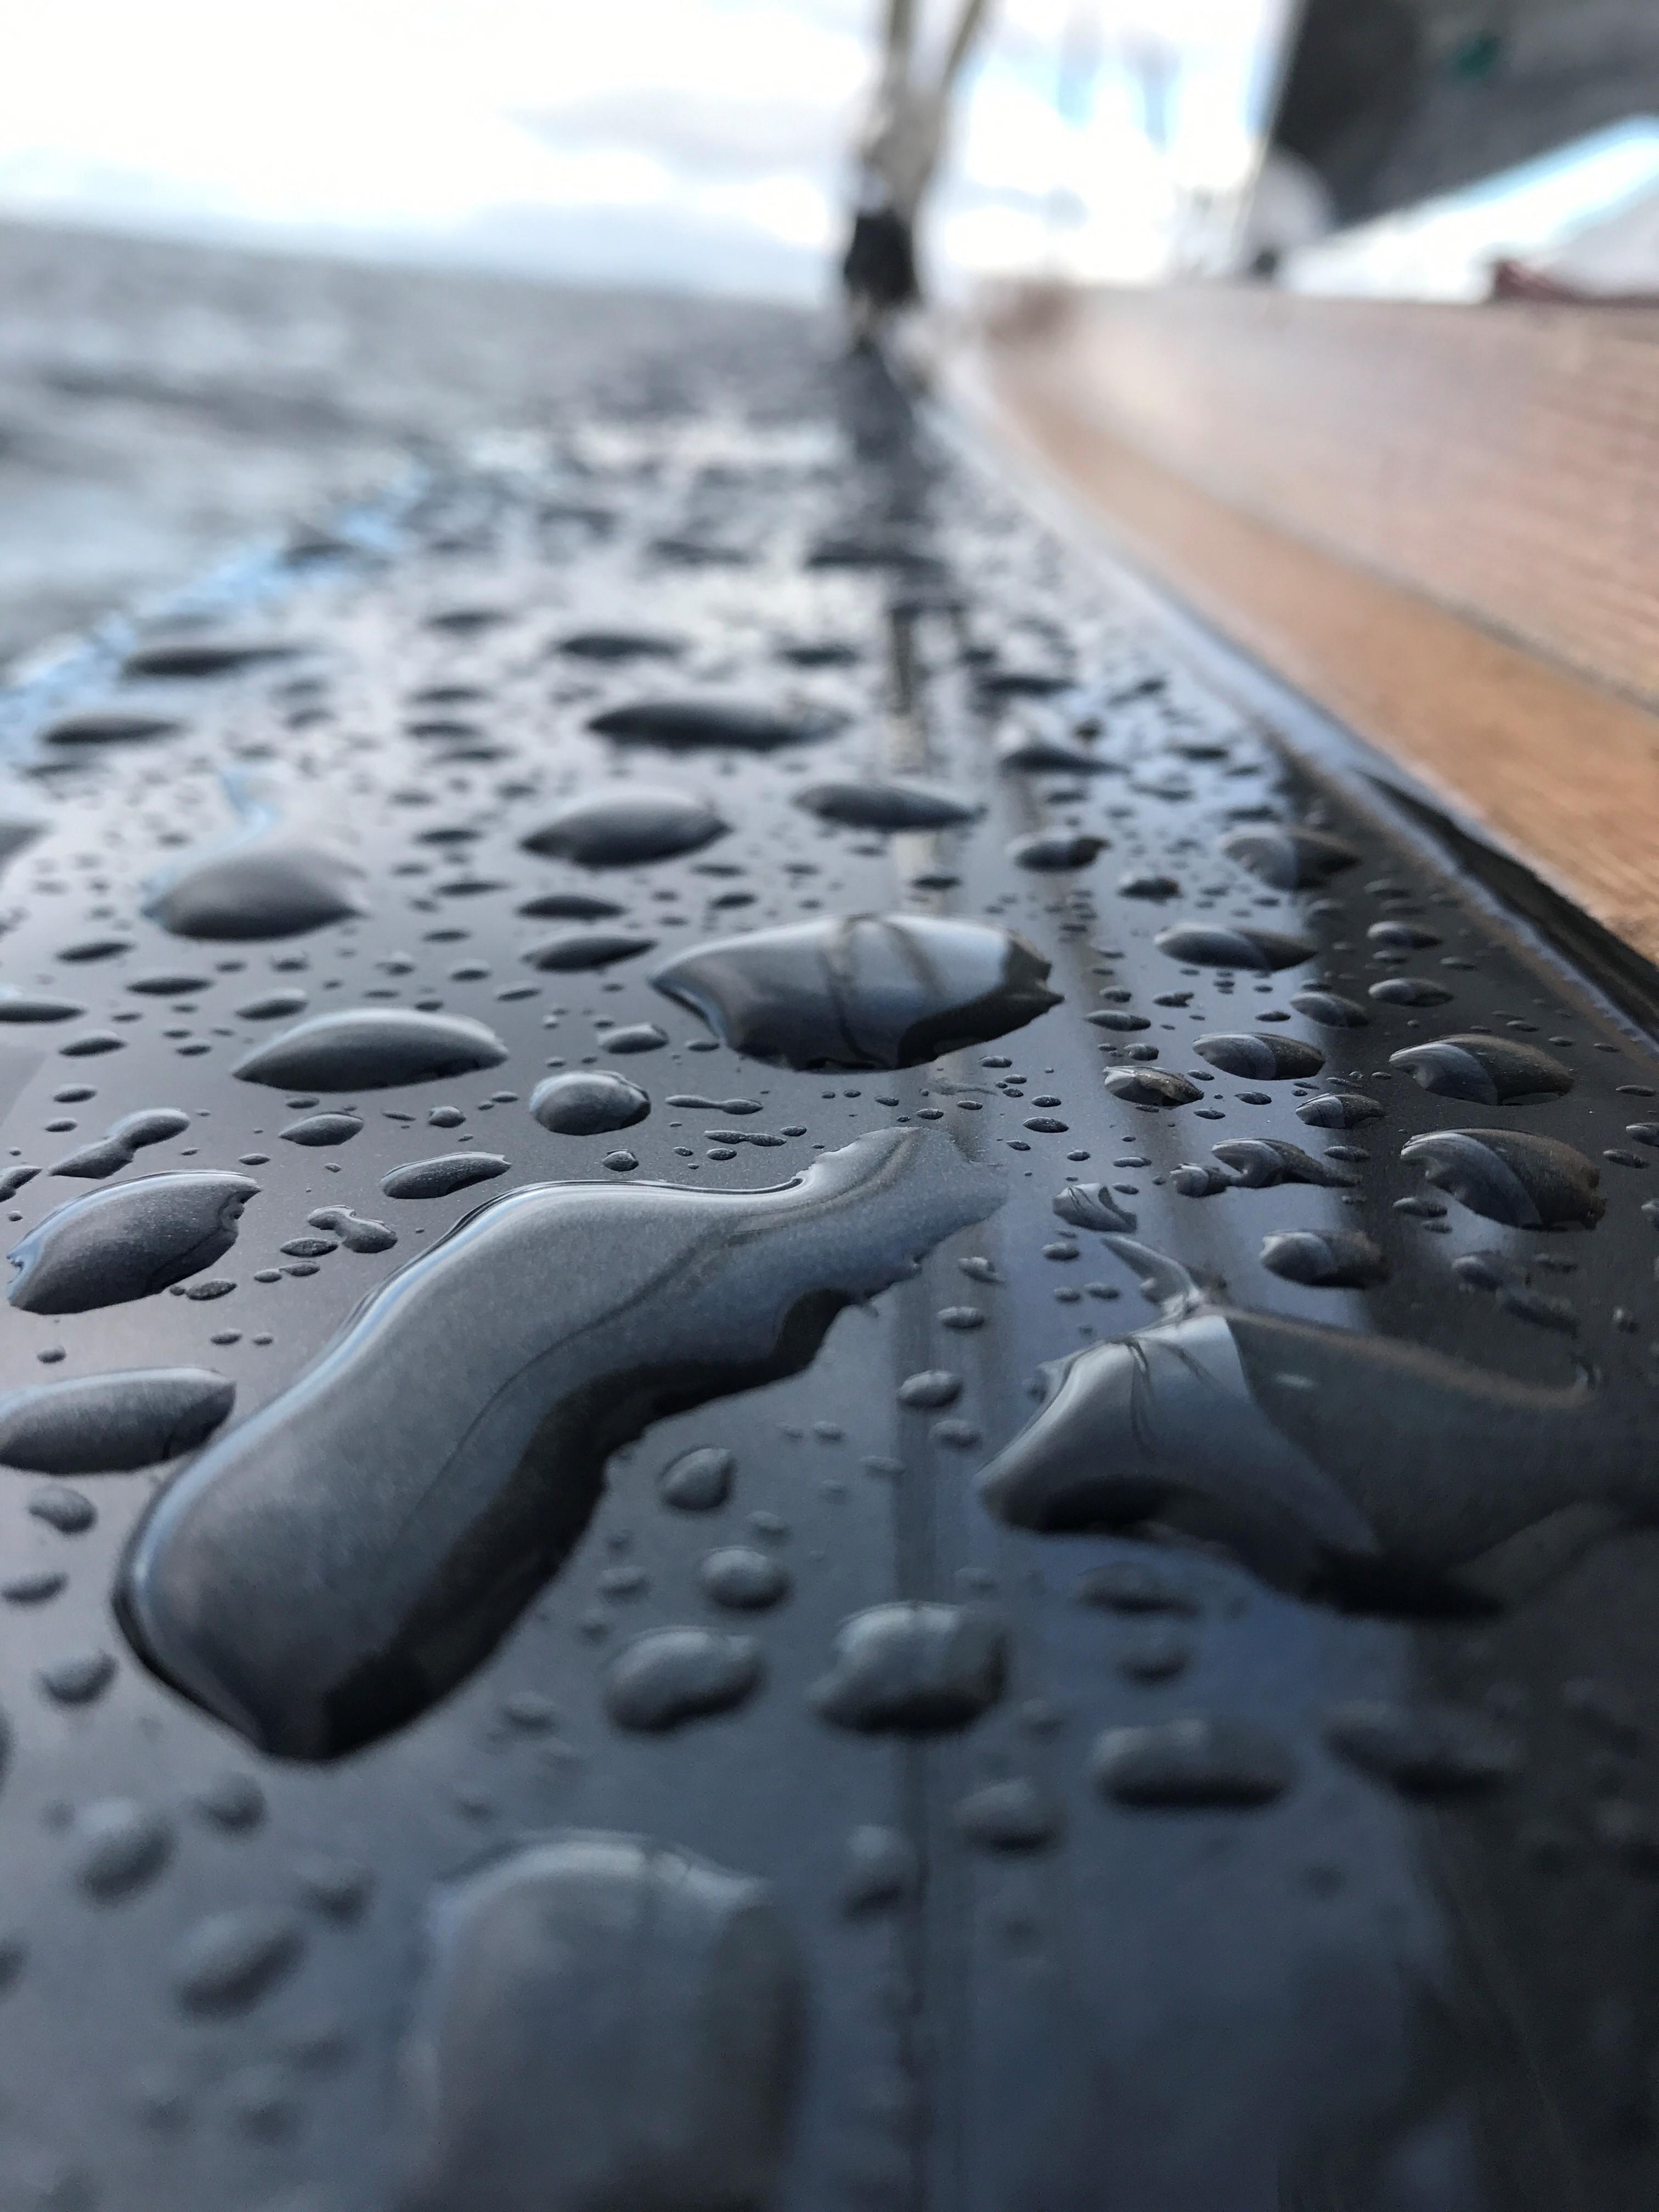 Bekannt Reinigung - Pflege von Yachtoberflächen - Peter Wrede Yacht Refits JE81